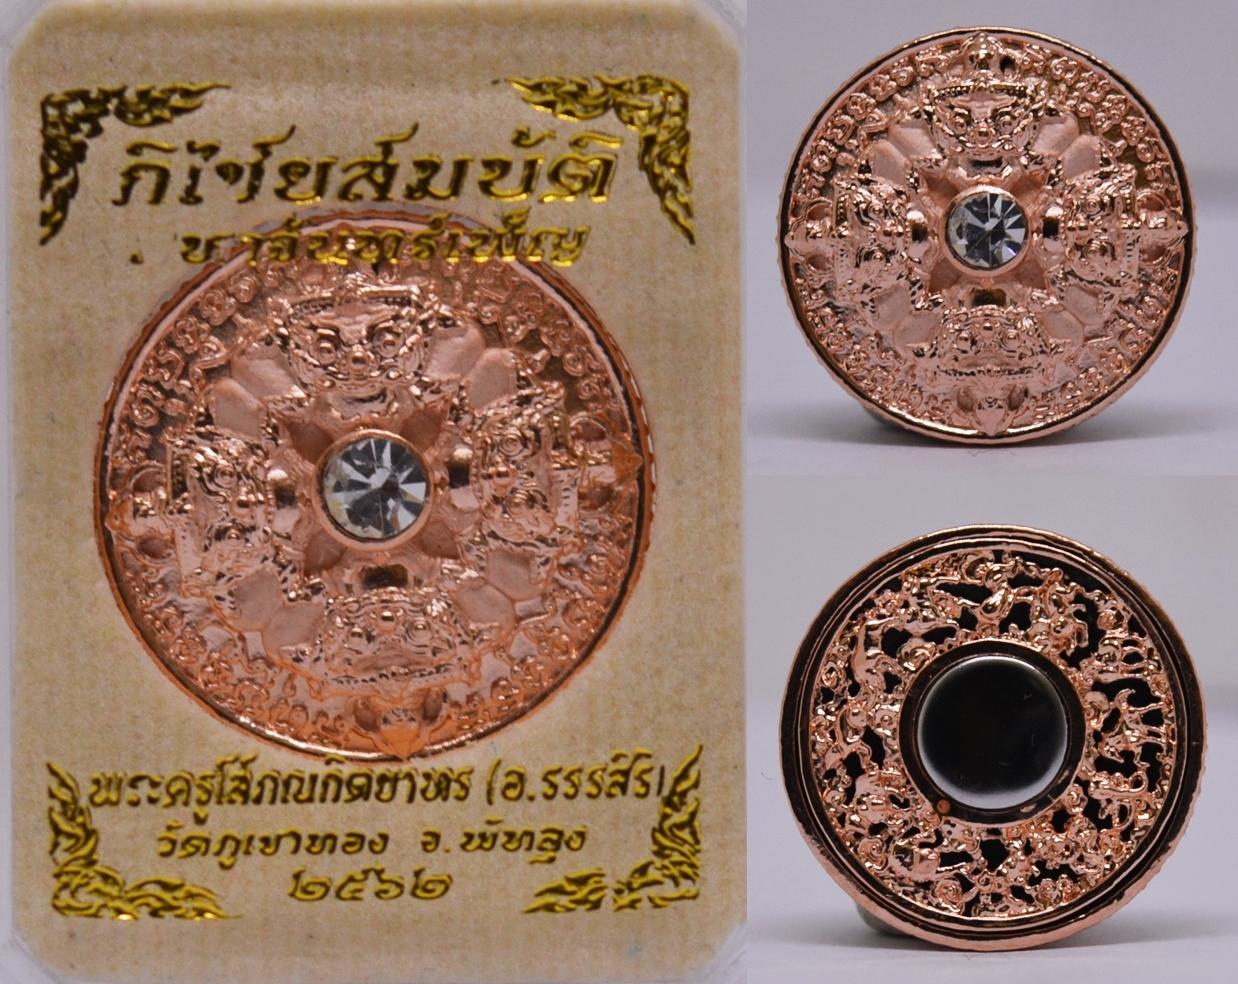 เหรียญราหูภิไชยสมบัติ เนื้อสัมฤทธิ์ชุบนาค ขนาด 2.2 ซม พระครูโสภณกิตยาธร(อ.รรรสิริ) วัดภูเขาทอง 2562